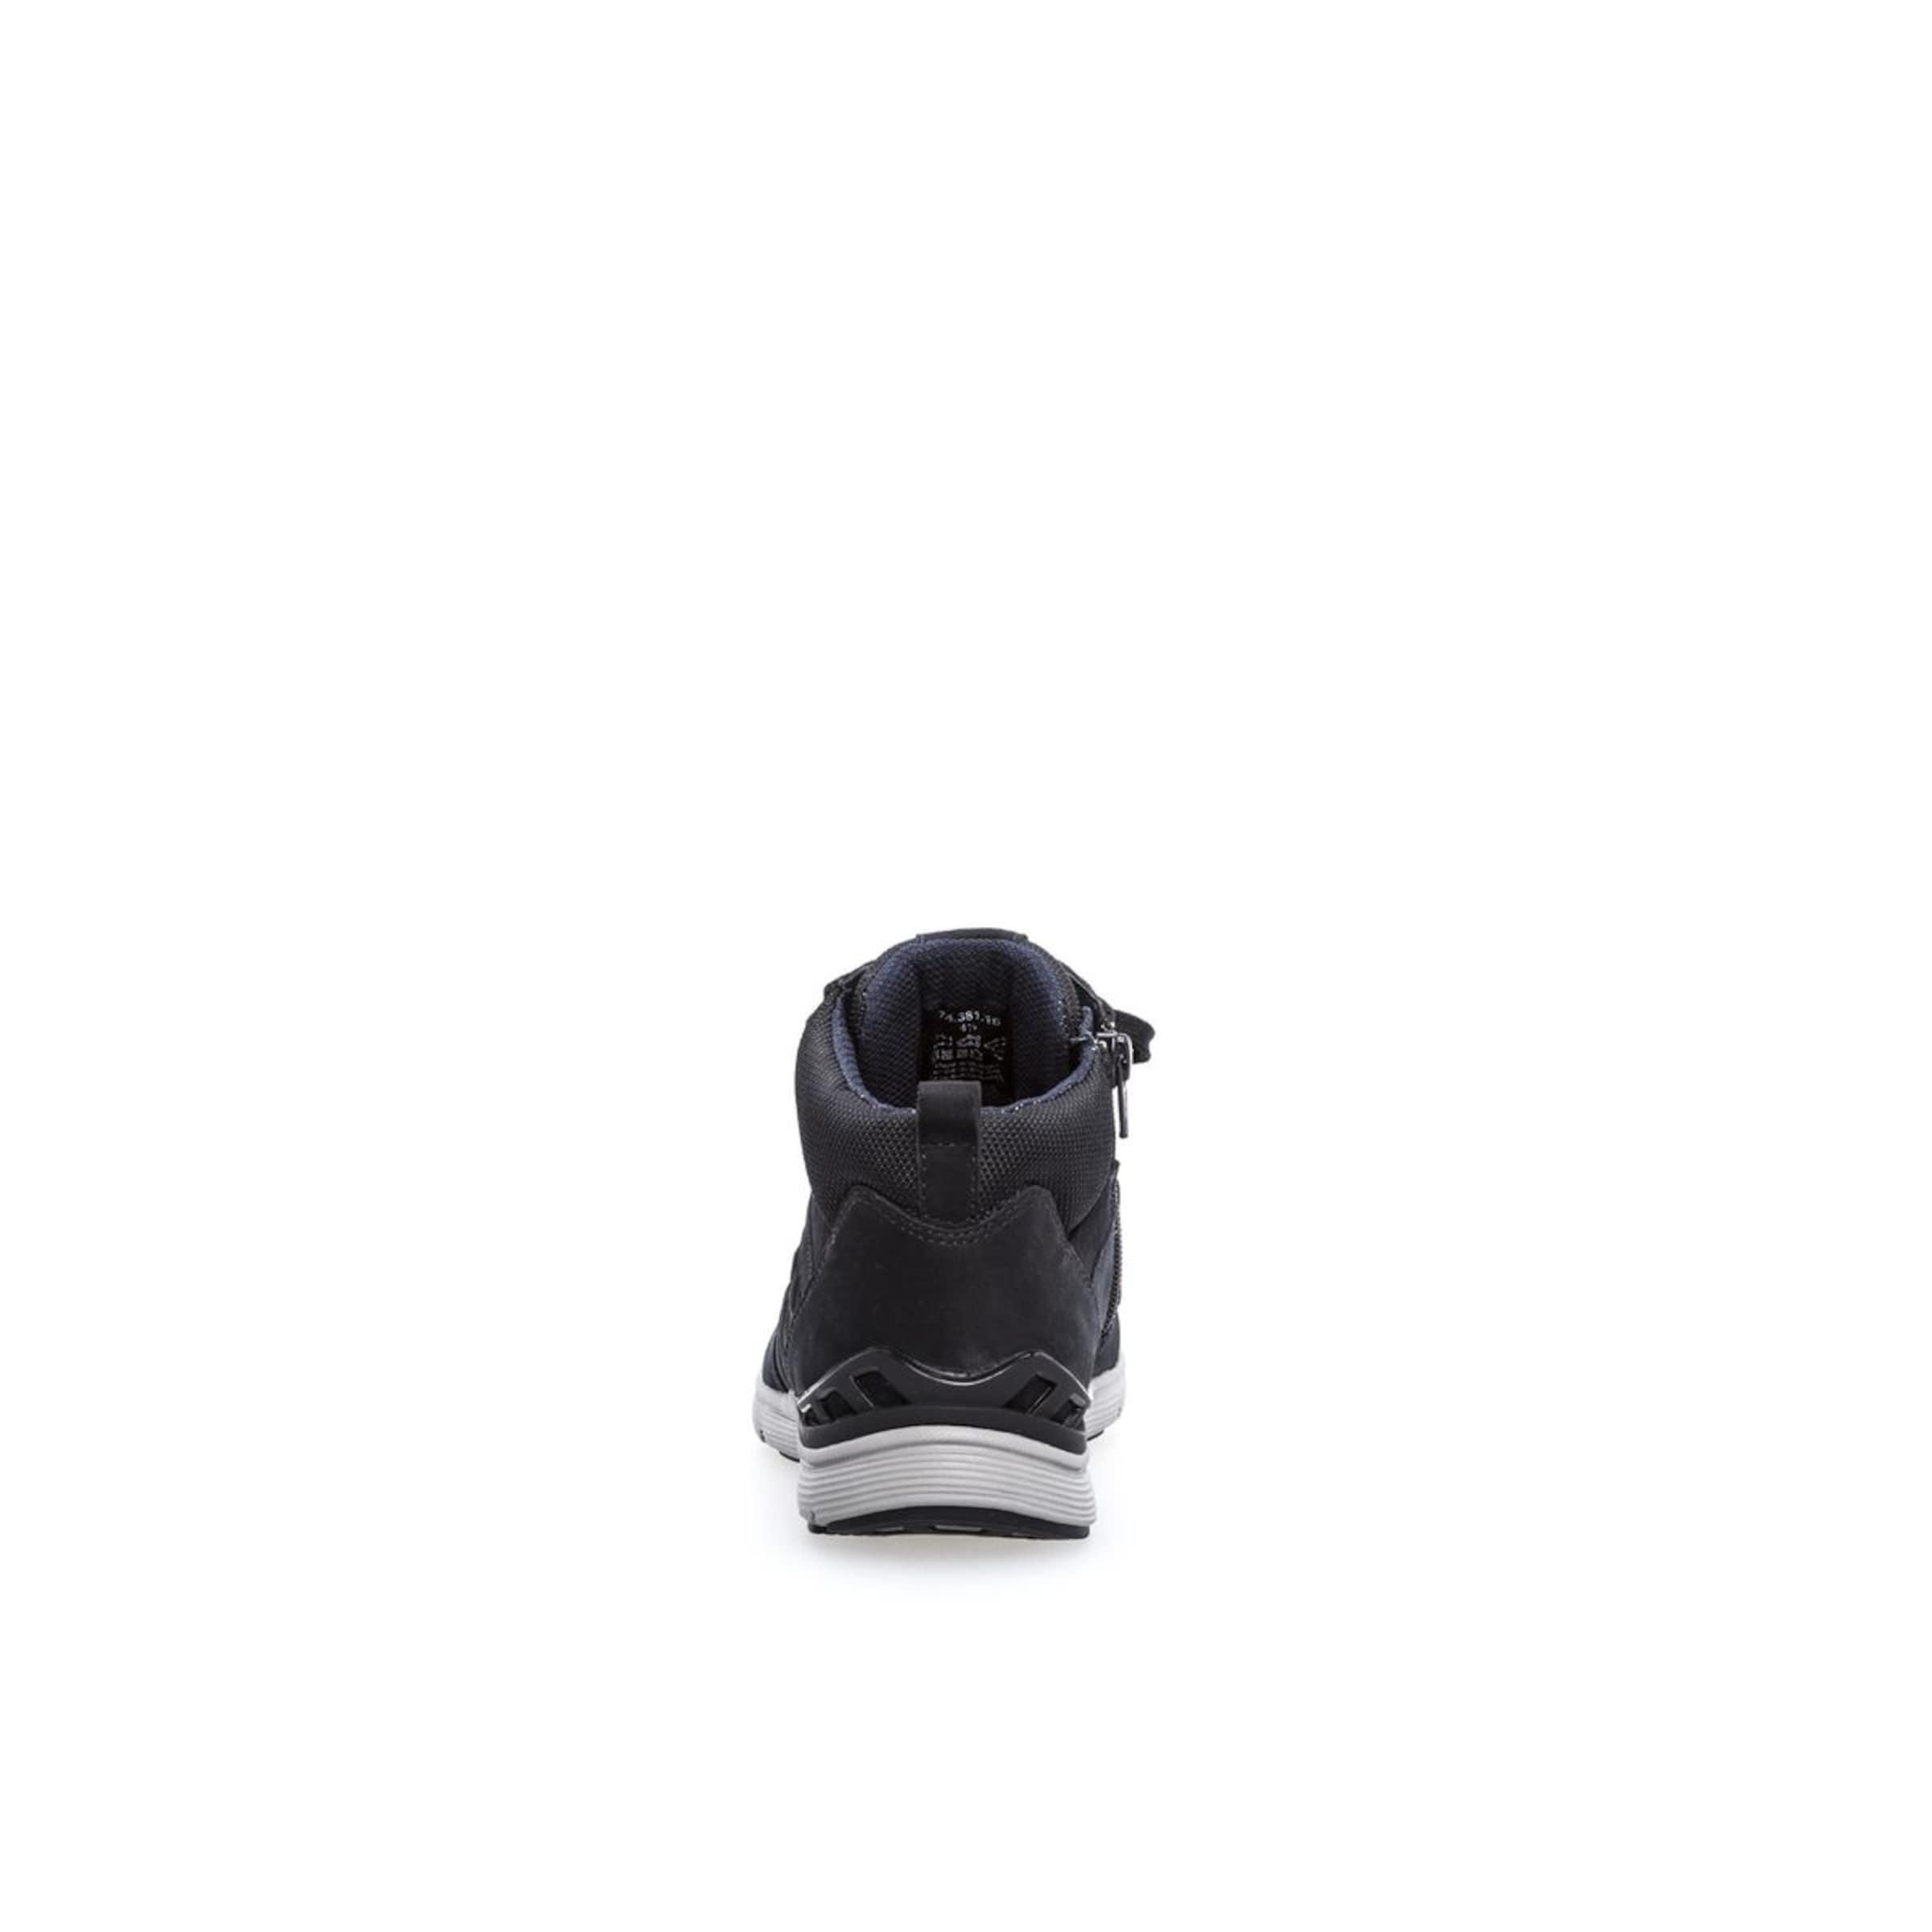 In Stiefel Nachtblau Nachtblau Stiefel In Gabor Gabor 4Ajq53RL